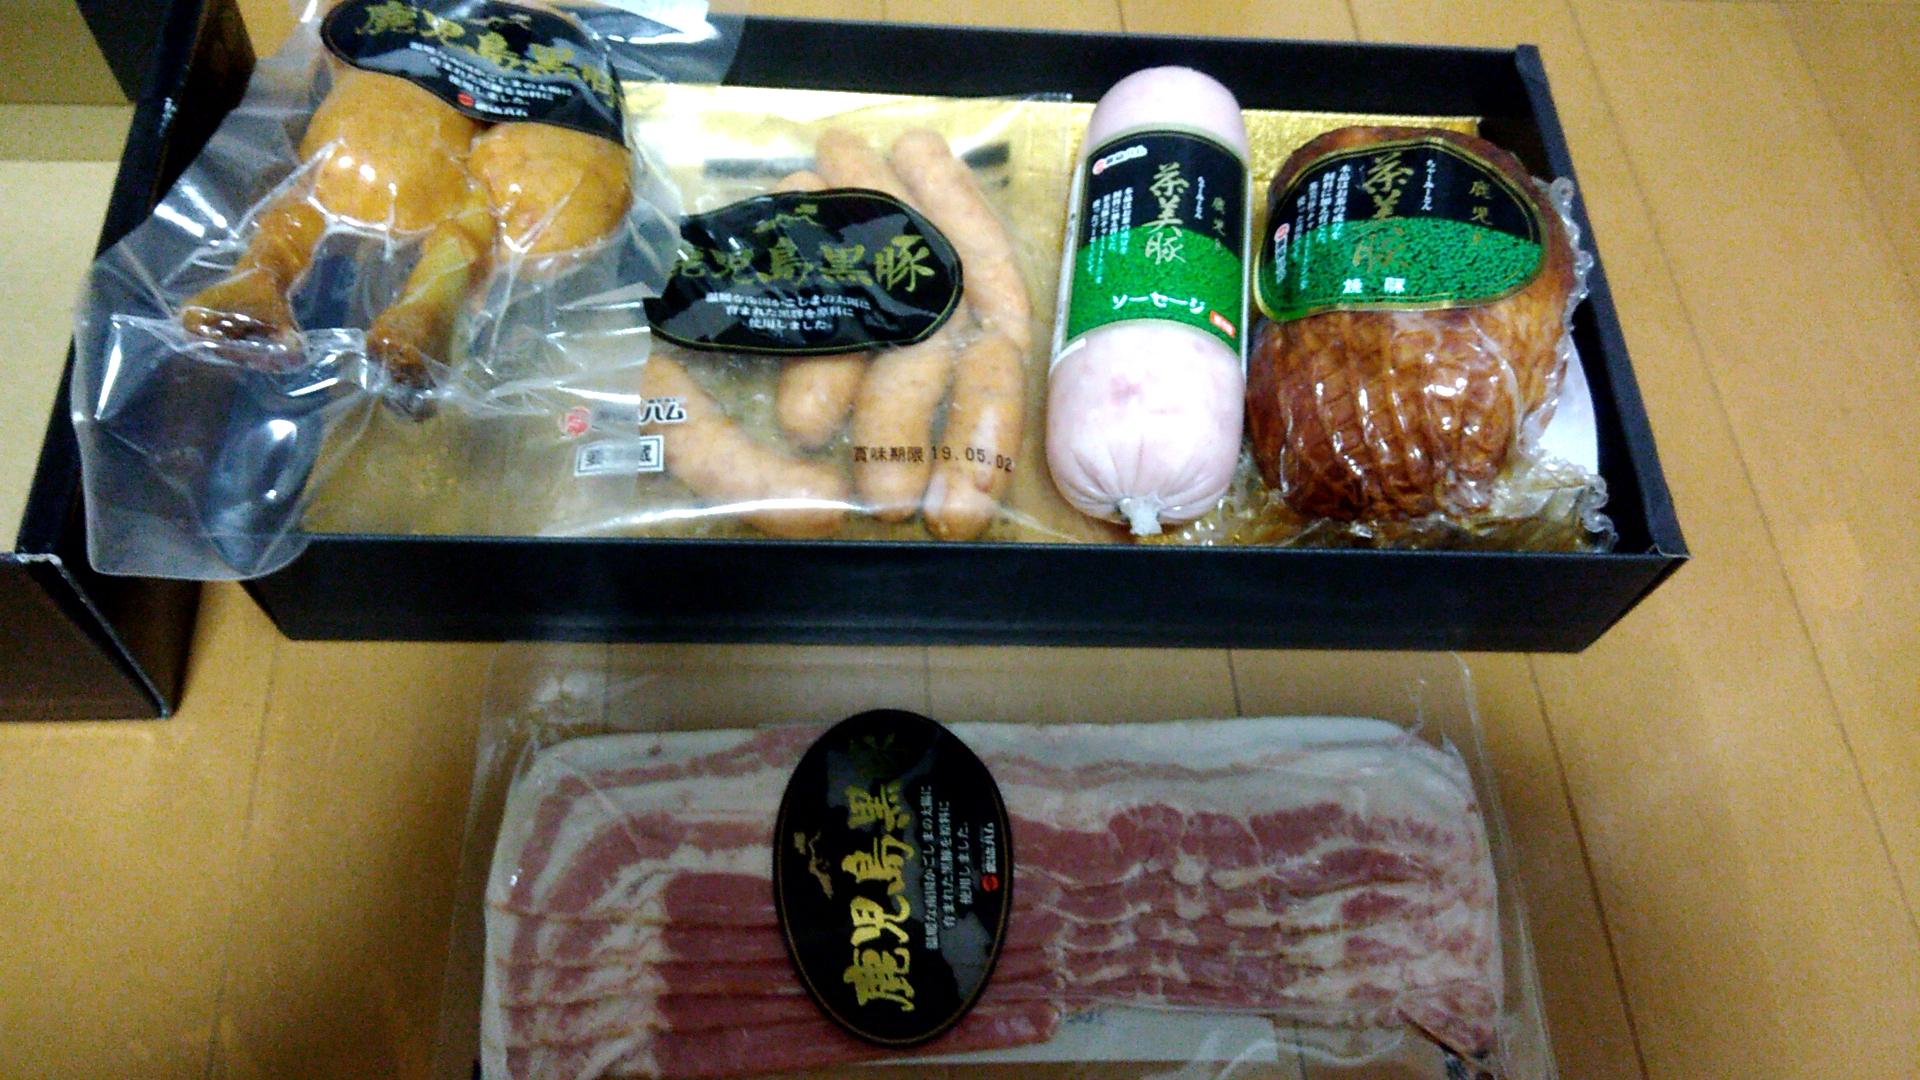 【ふるさと納税】南九州まんぞく定期便4回目は加工品肉セット♪